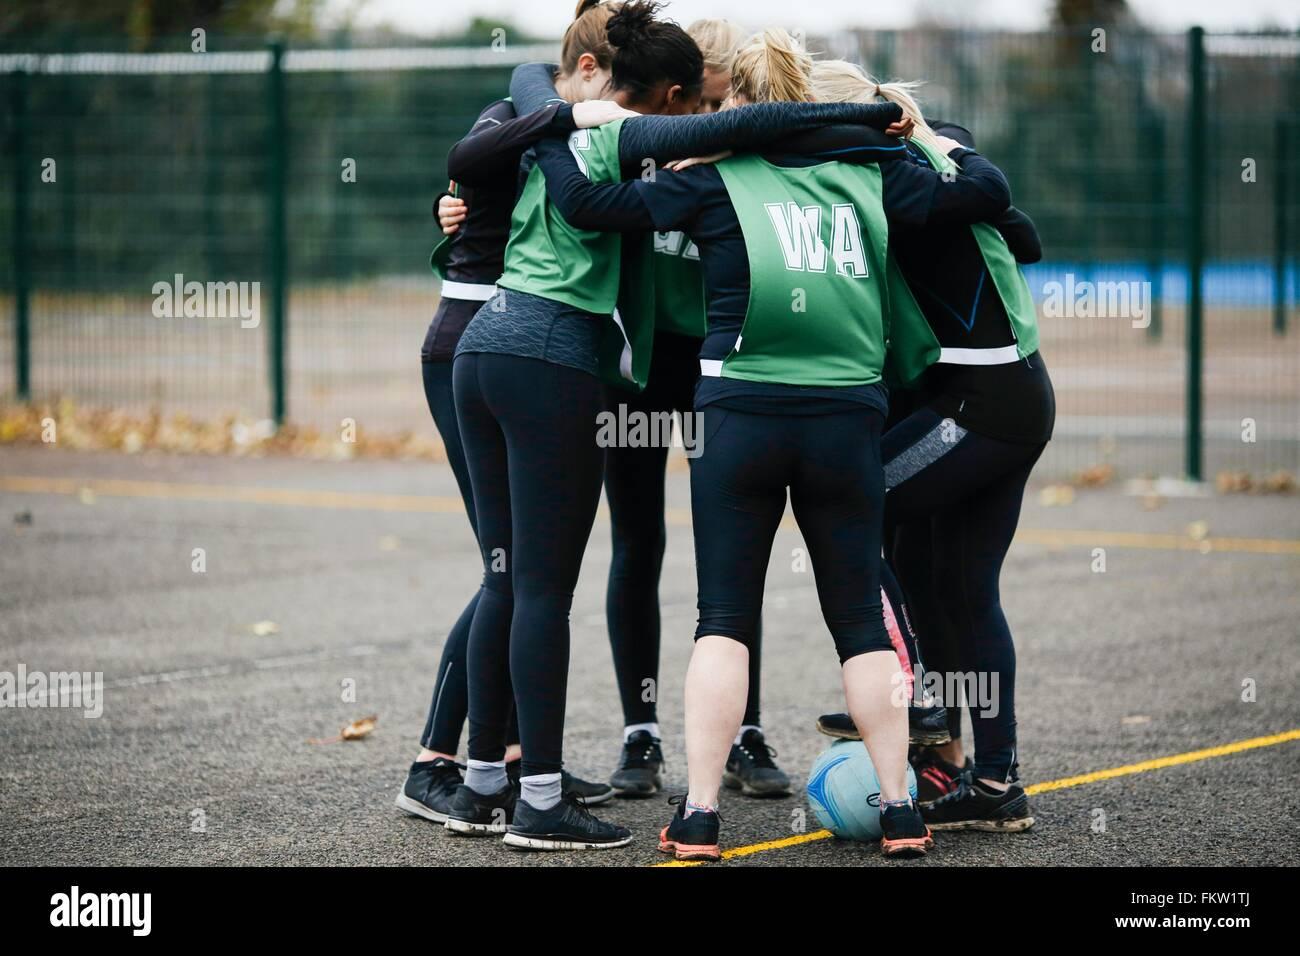 Female netball team in planning huddle on netball court - Stock Image